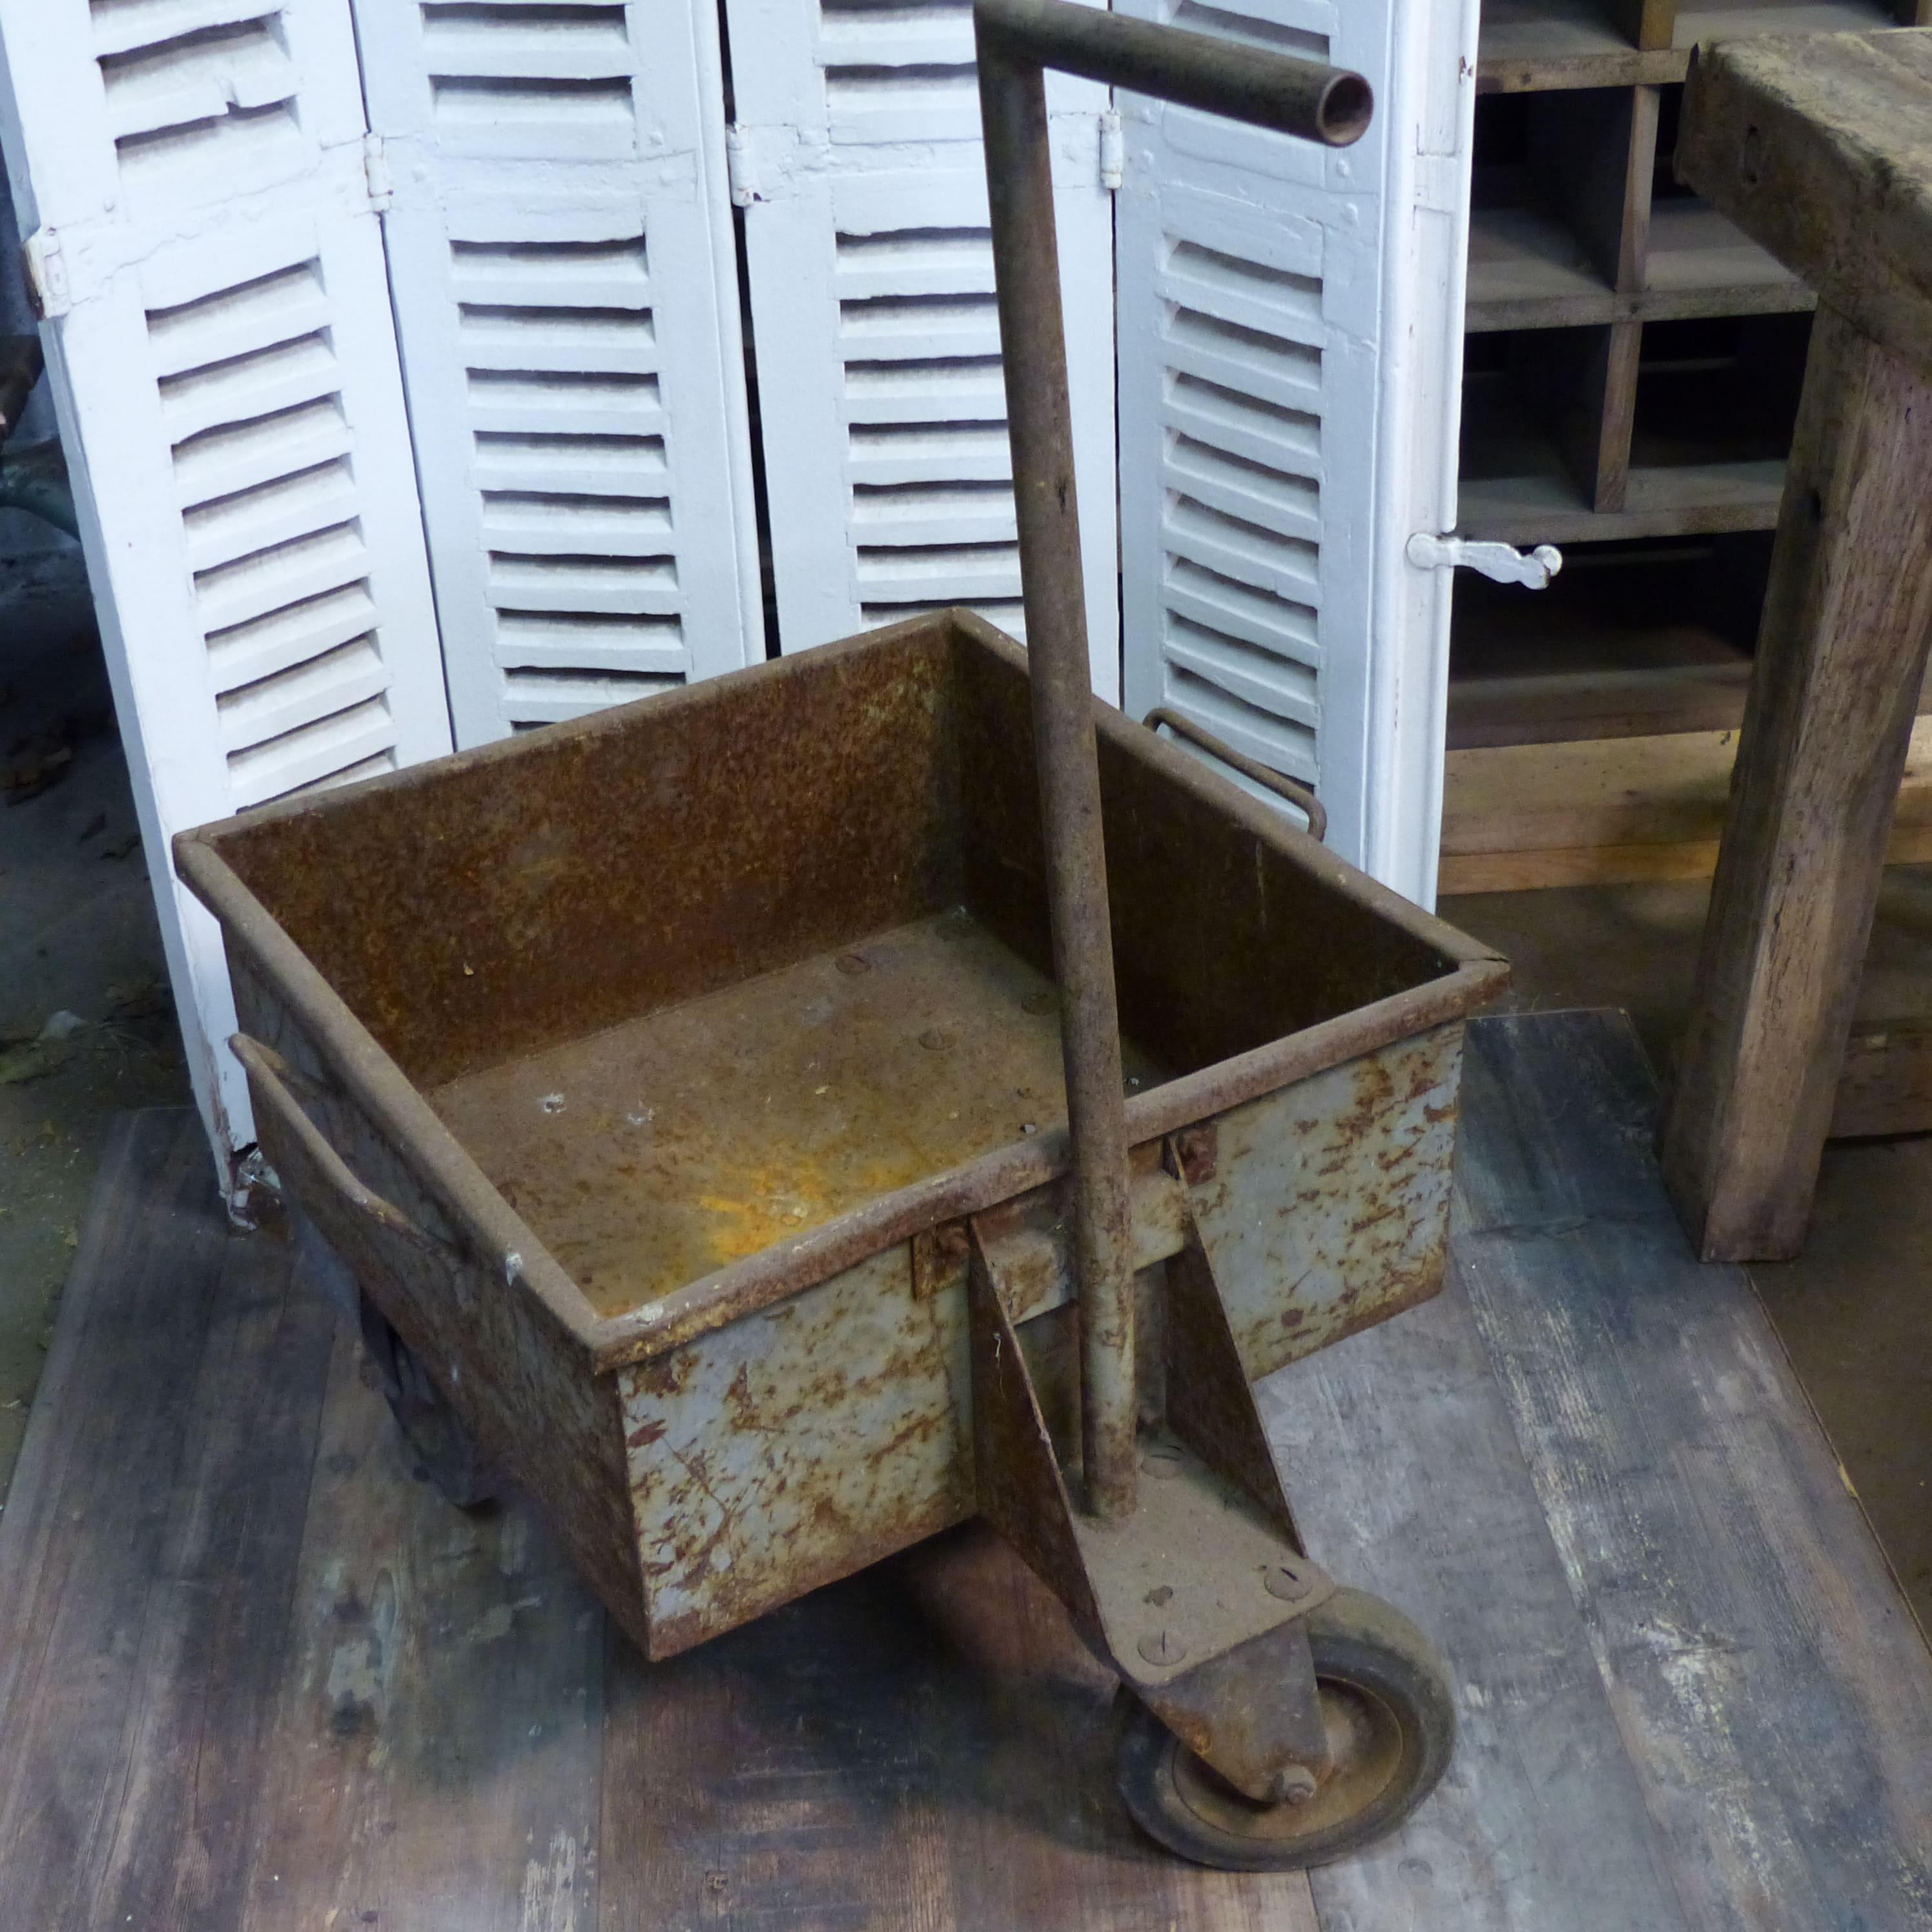 Ancien chariot industriel en fonte sur roulettes lignedebrocante brocante e - Roulettes metal industriel ...